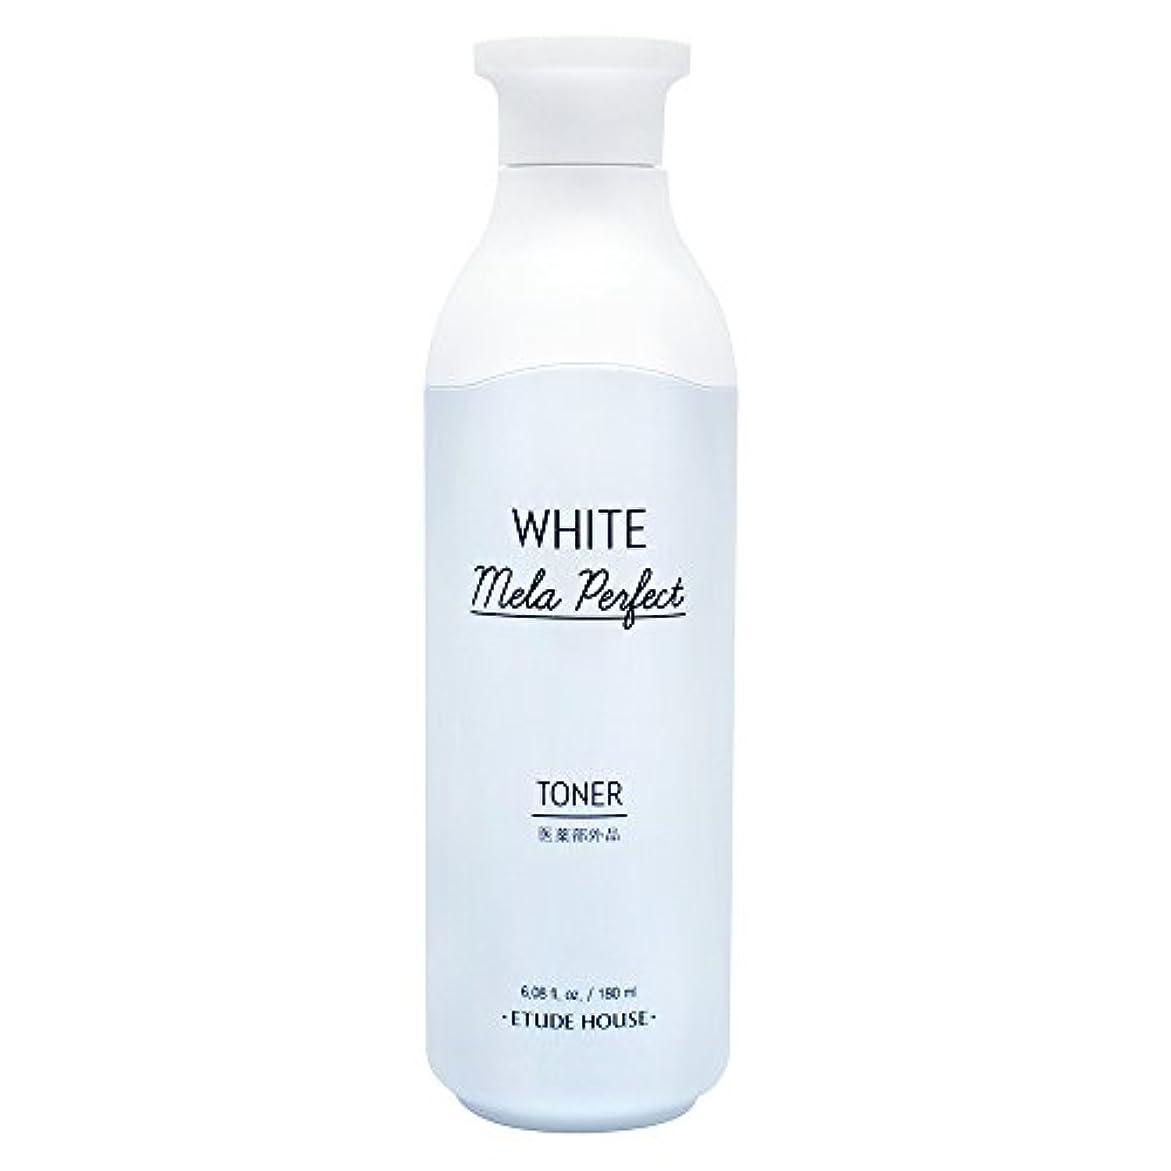 量で買い物に行く続けるエチュードハウス(ETUDE HOUSE) ホワイトメラパーフェクト トナー[美白化粧水、化粧水]